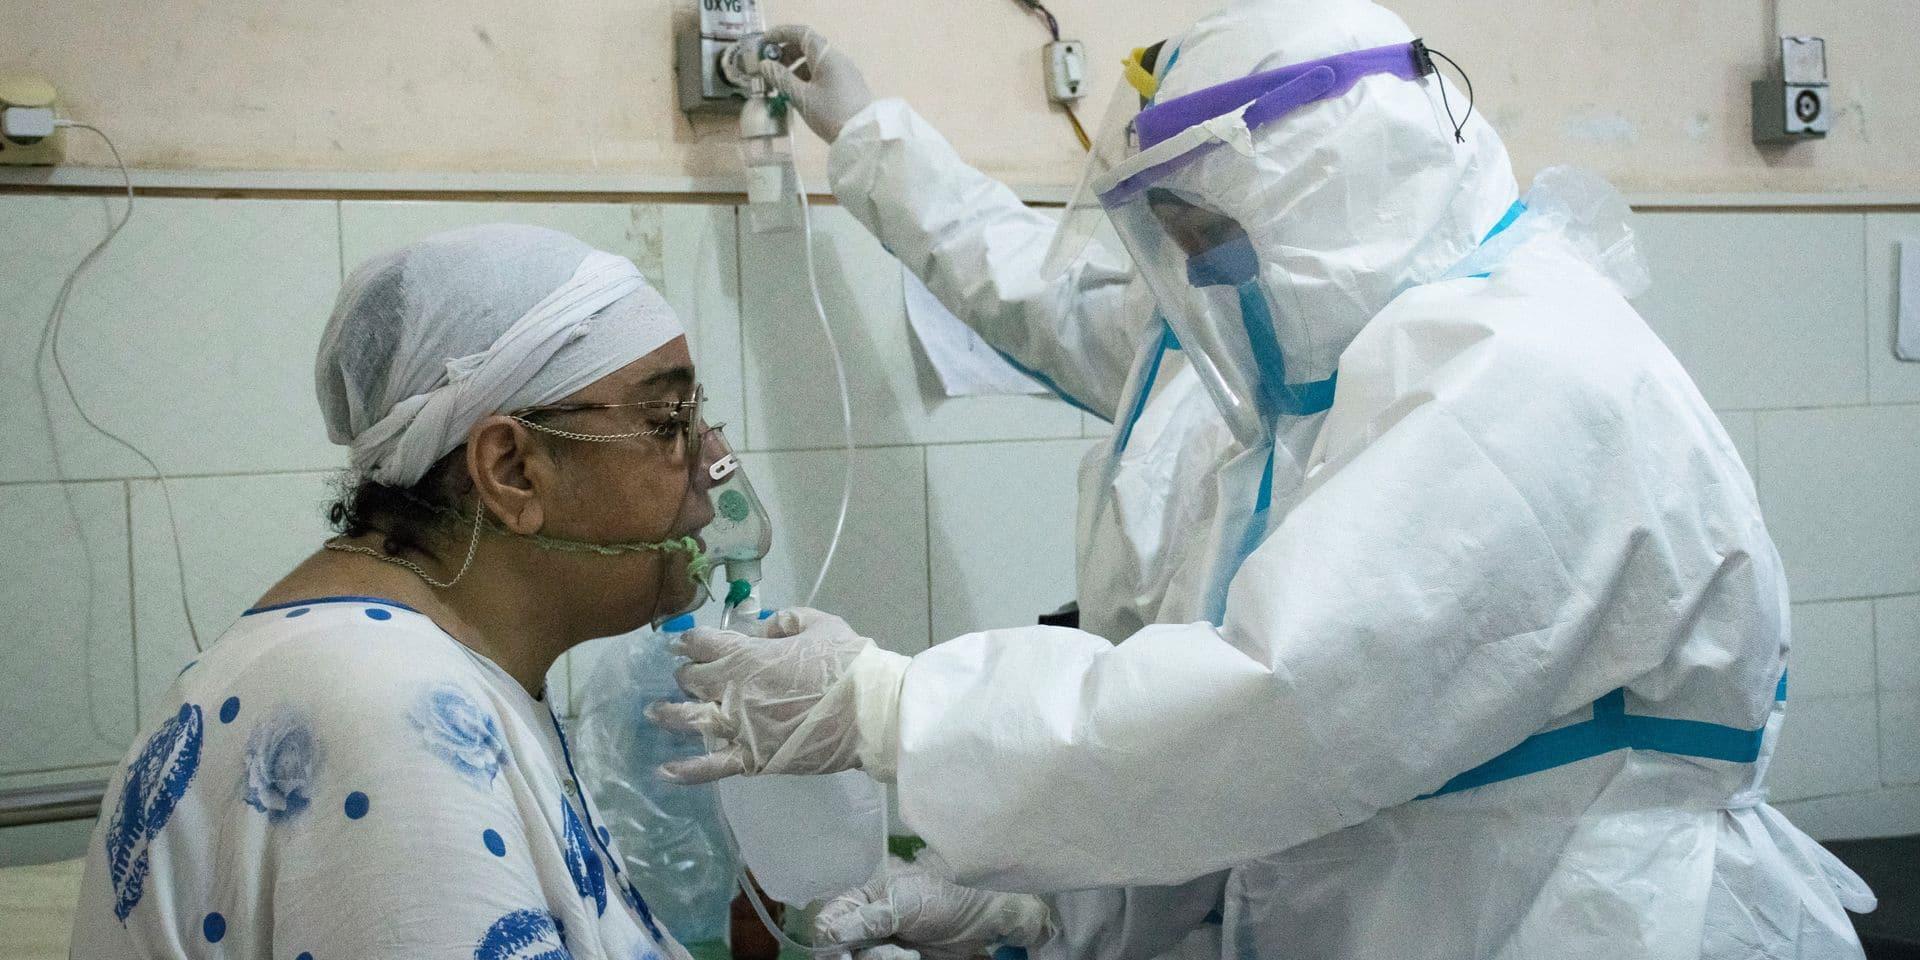 Sous équipés, les médecins égyptiens qui dénoncent leurs conditions de travail sont pris pour cible